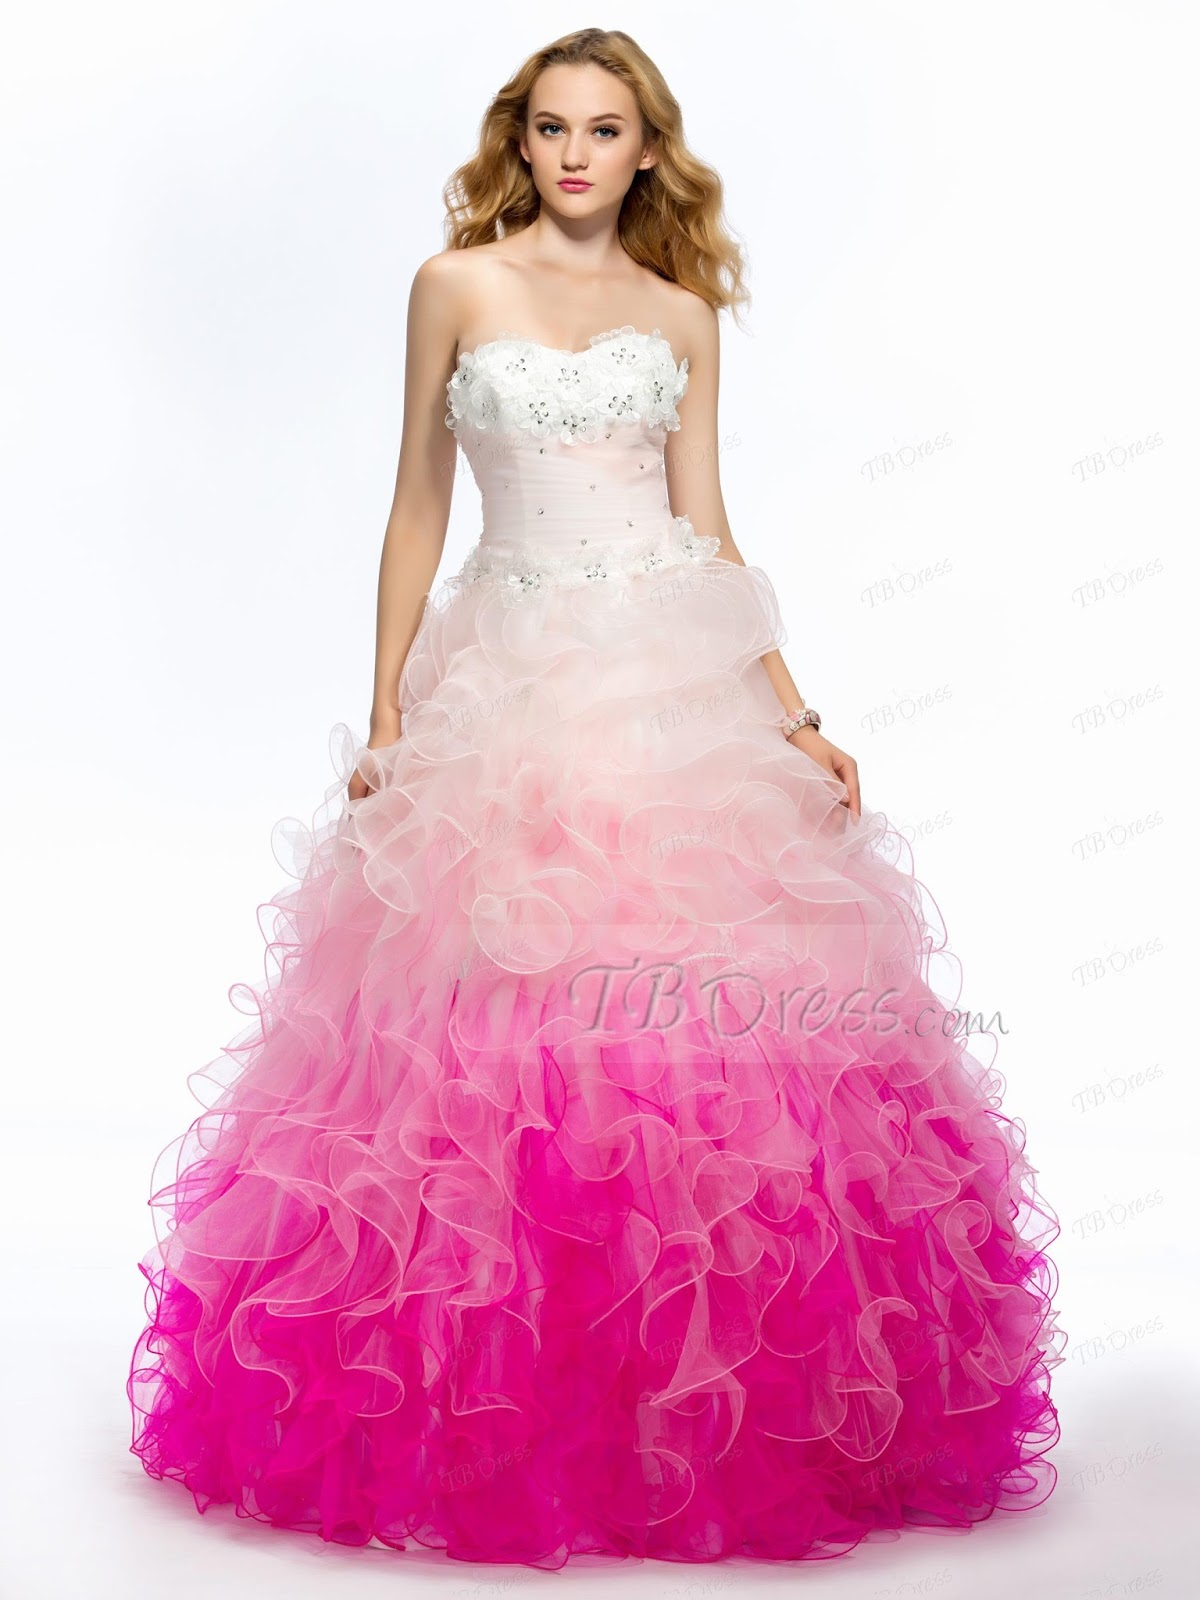 http://www.tbdress.com/Cheap-Quinceanera-Dresses-4374/